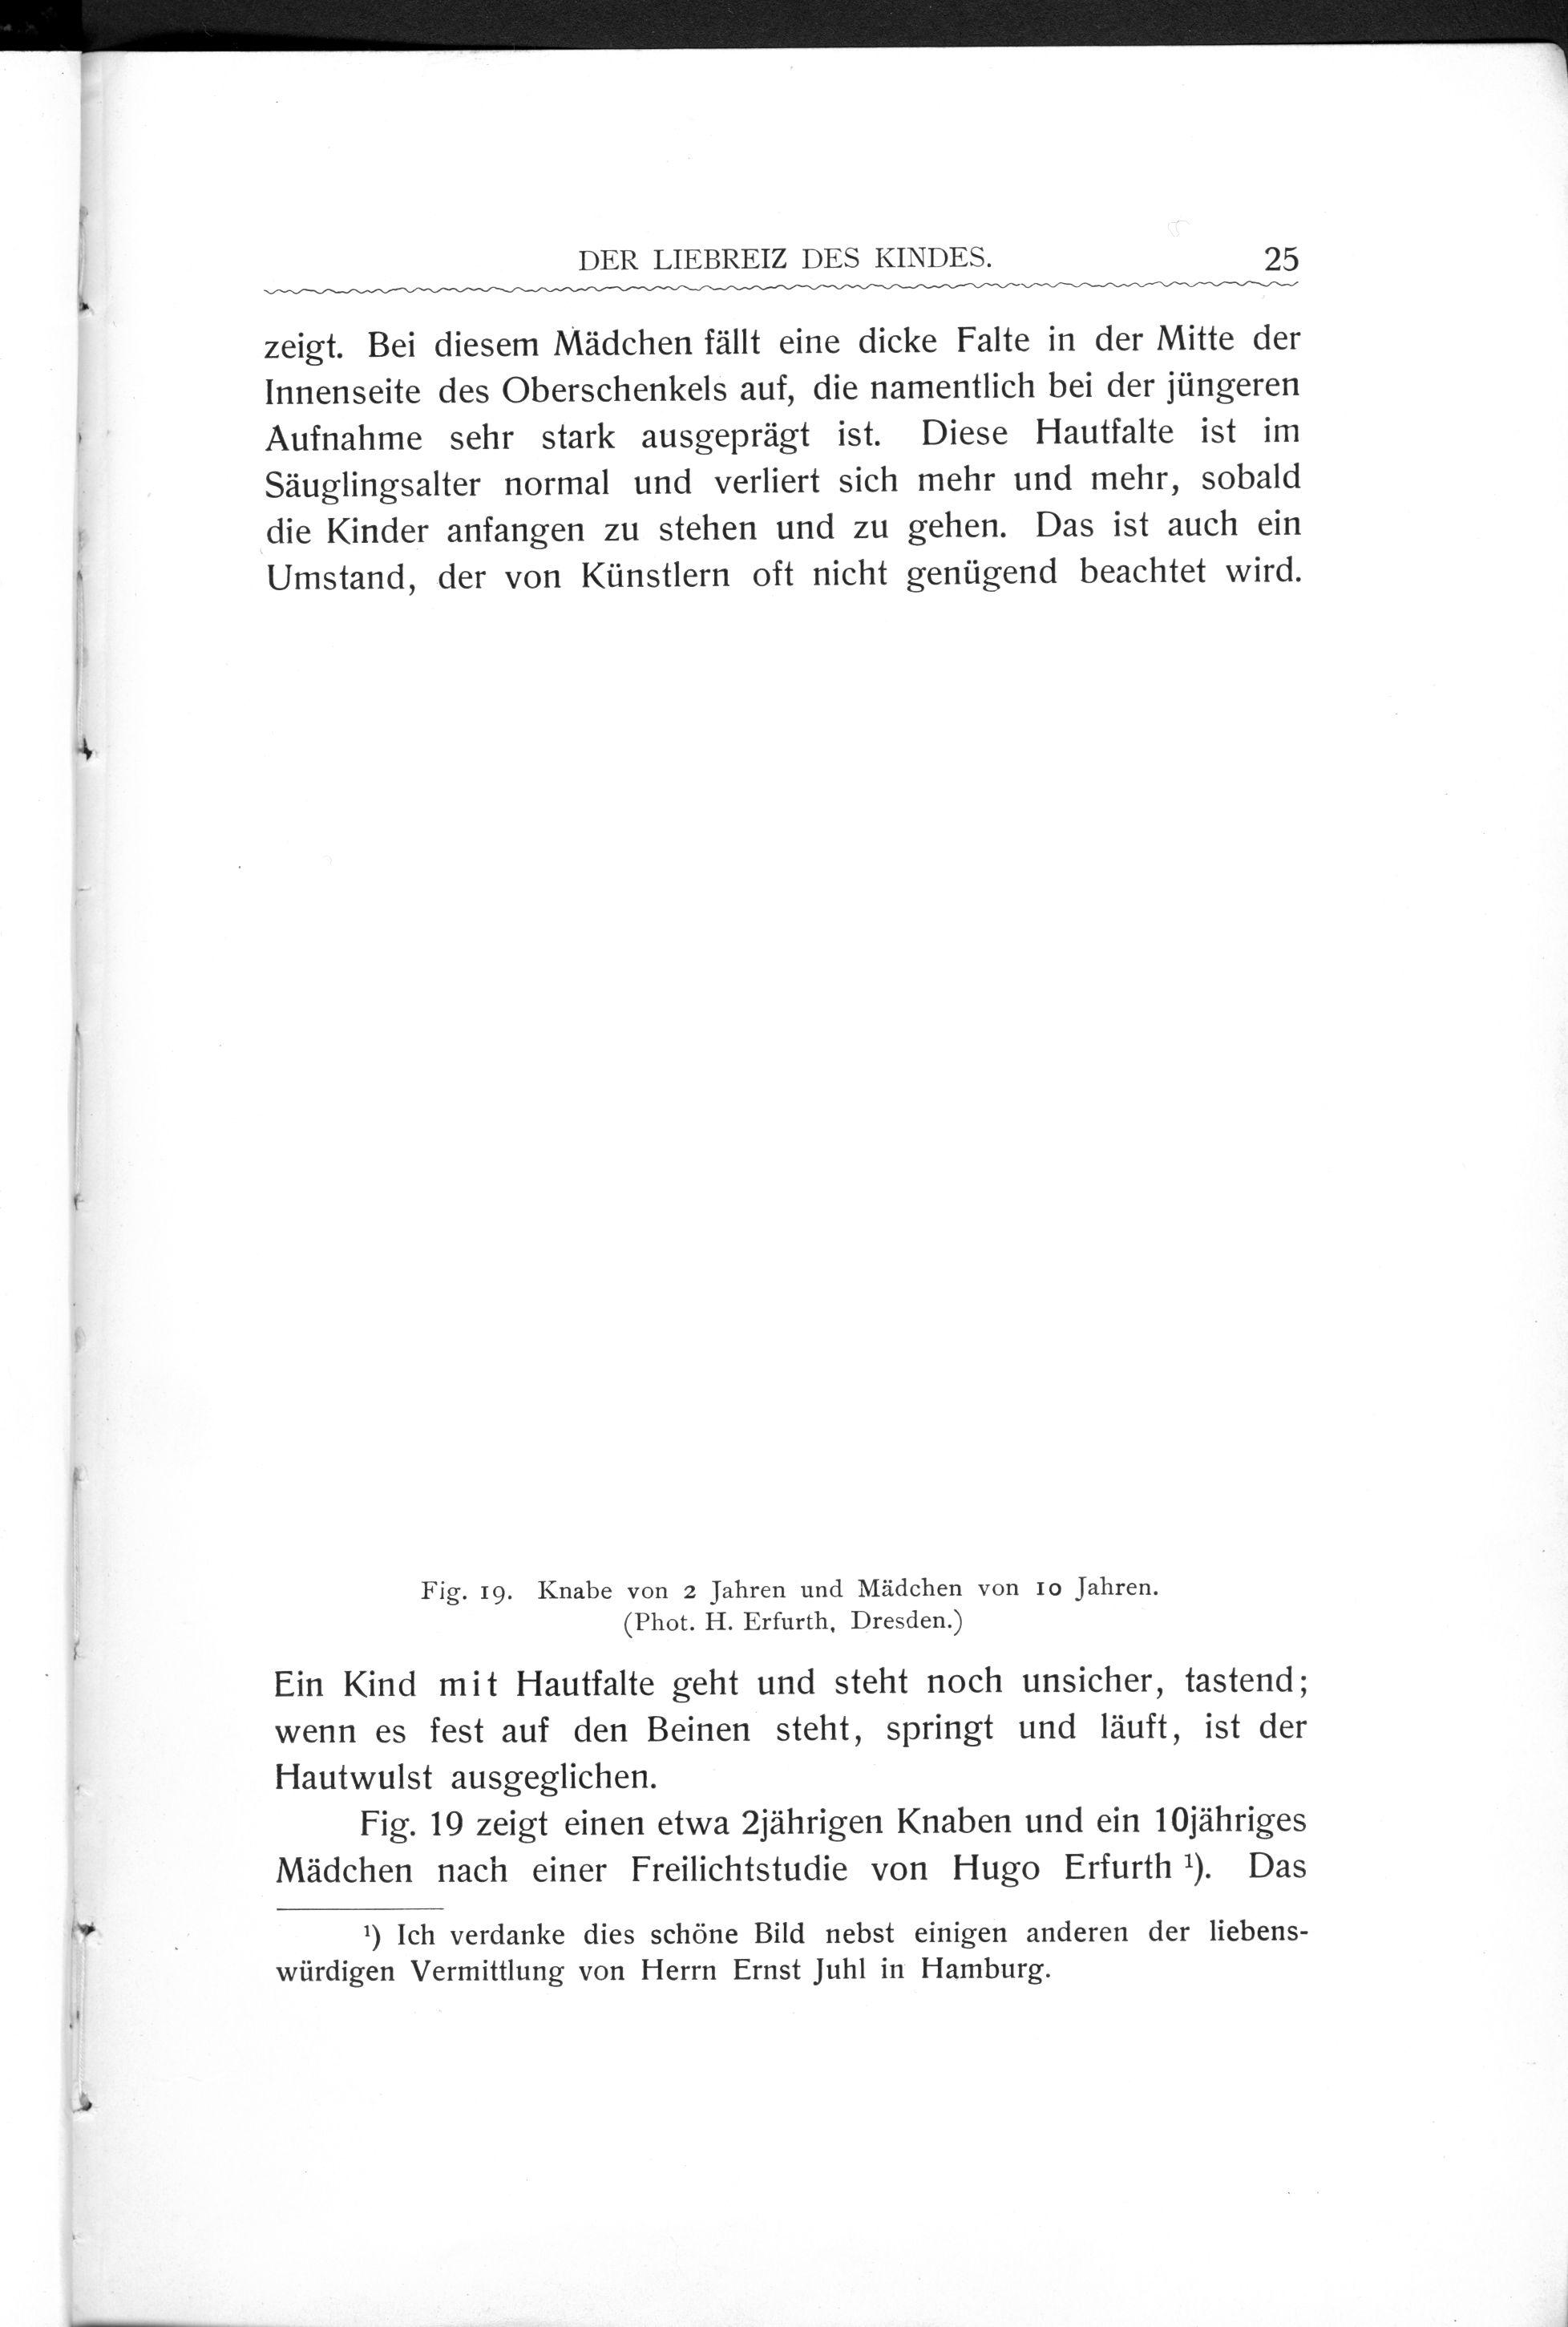 File:Stratz Körper des Kindes 3 025.jpg - Wikimedia Commons